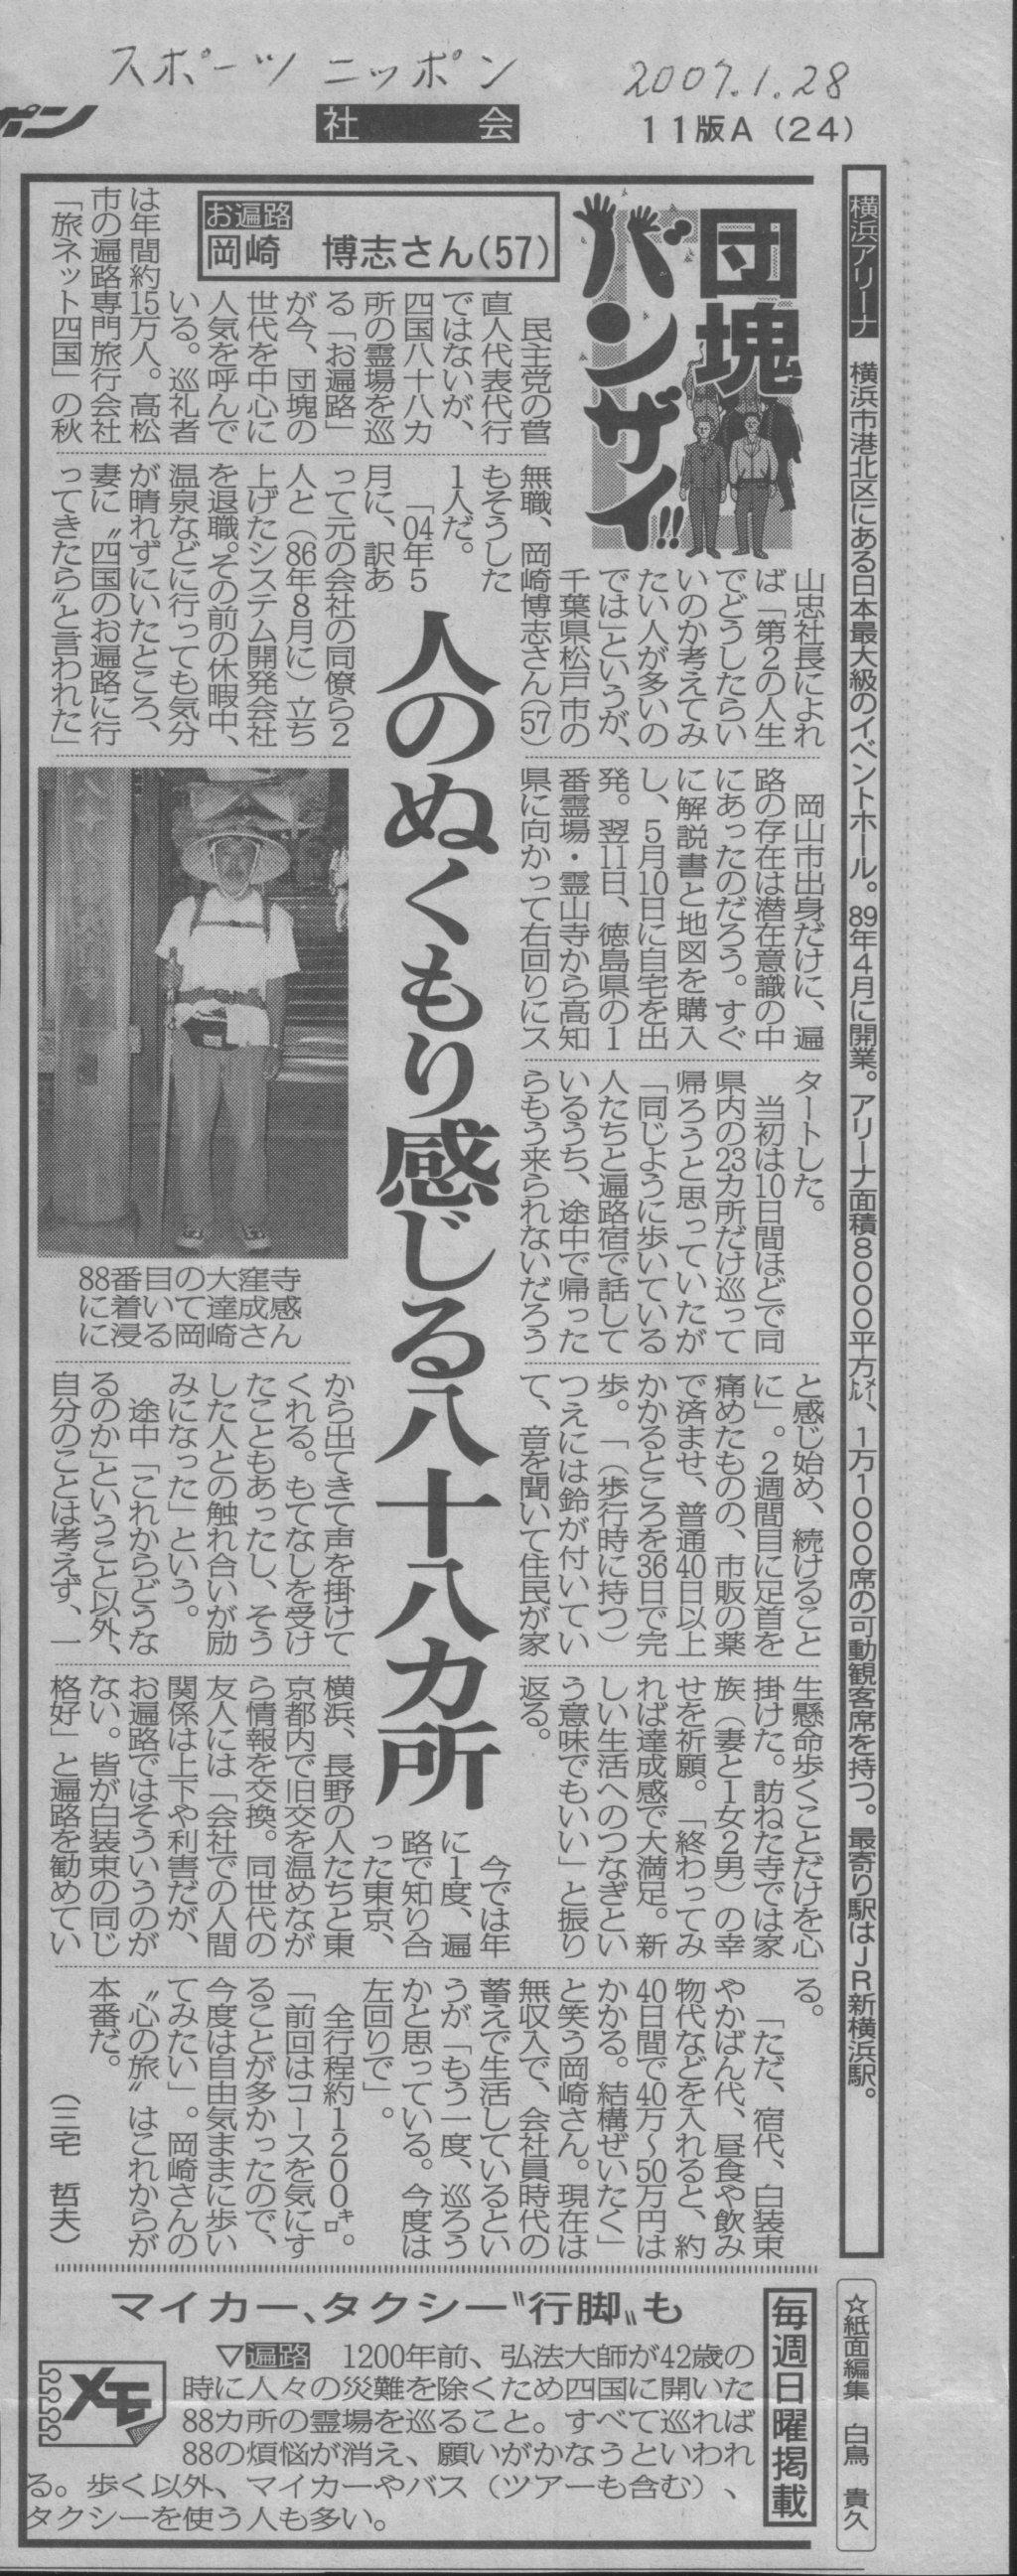 団塊バンザイ(スポーツニッポン)